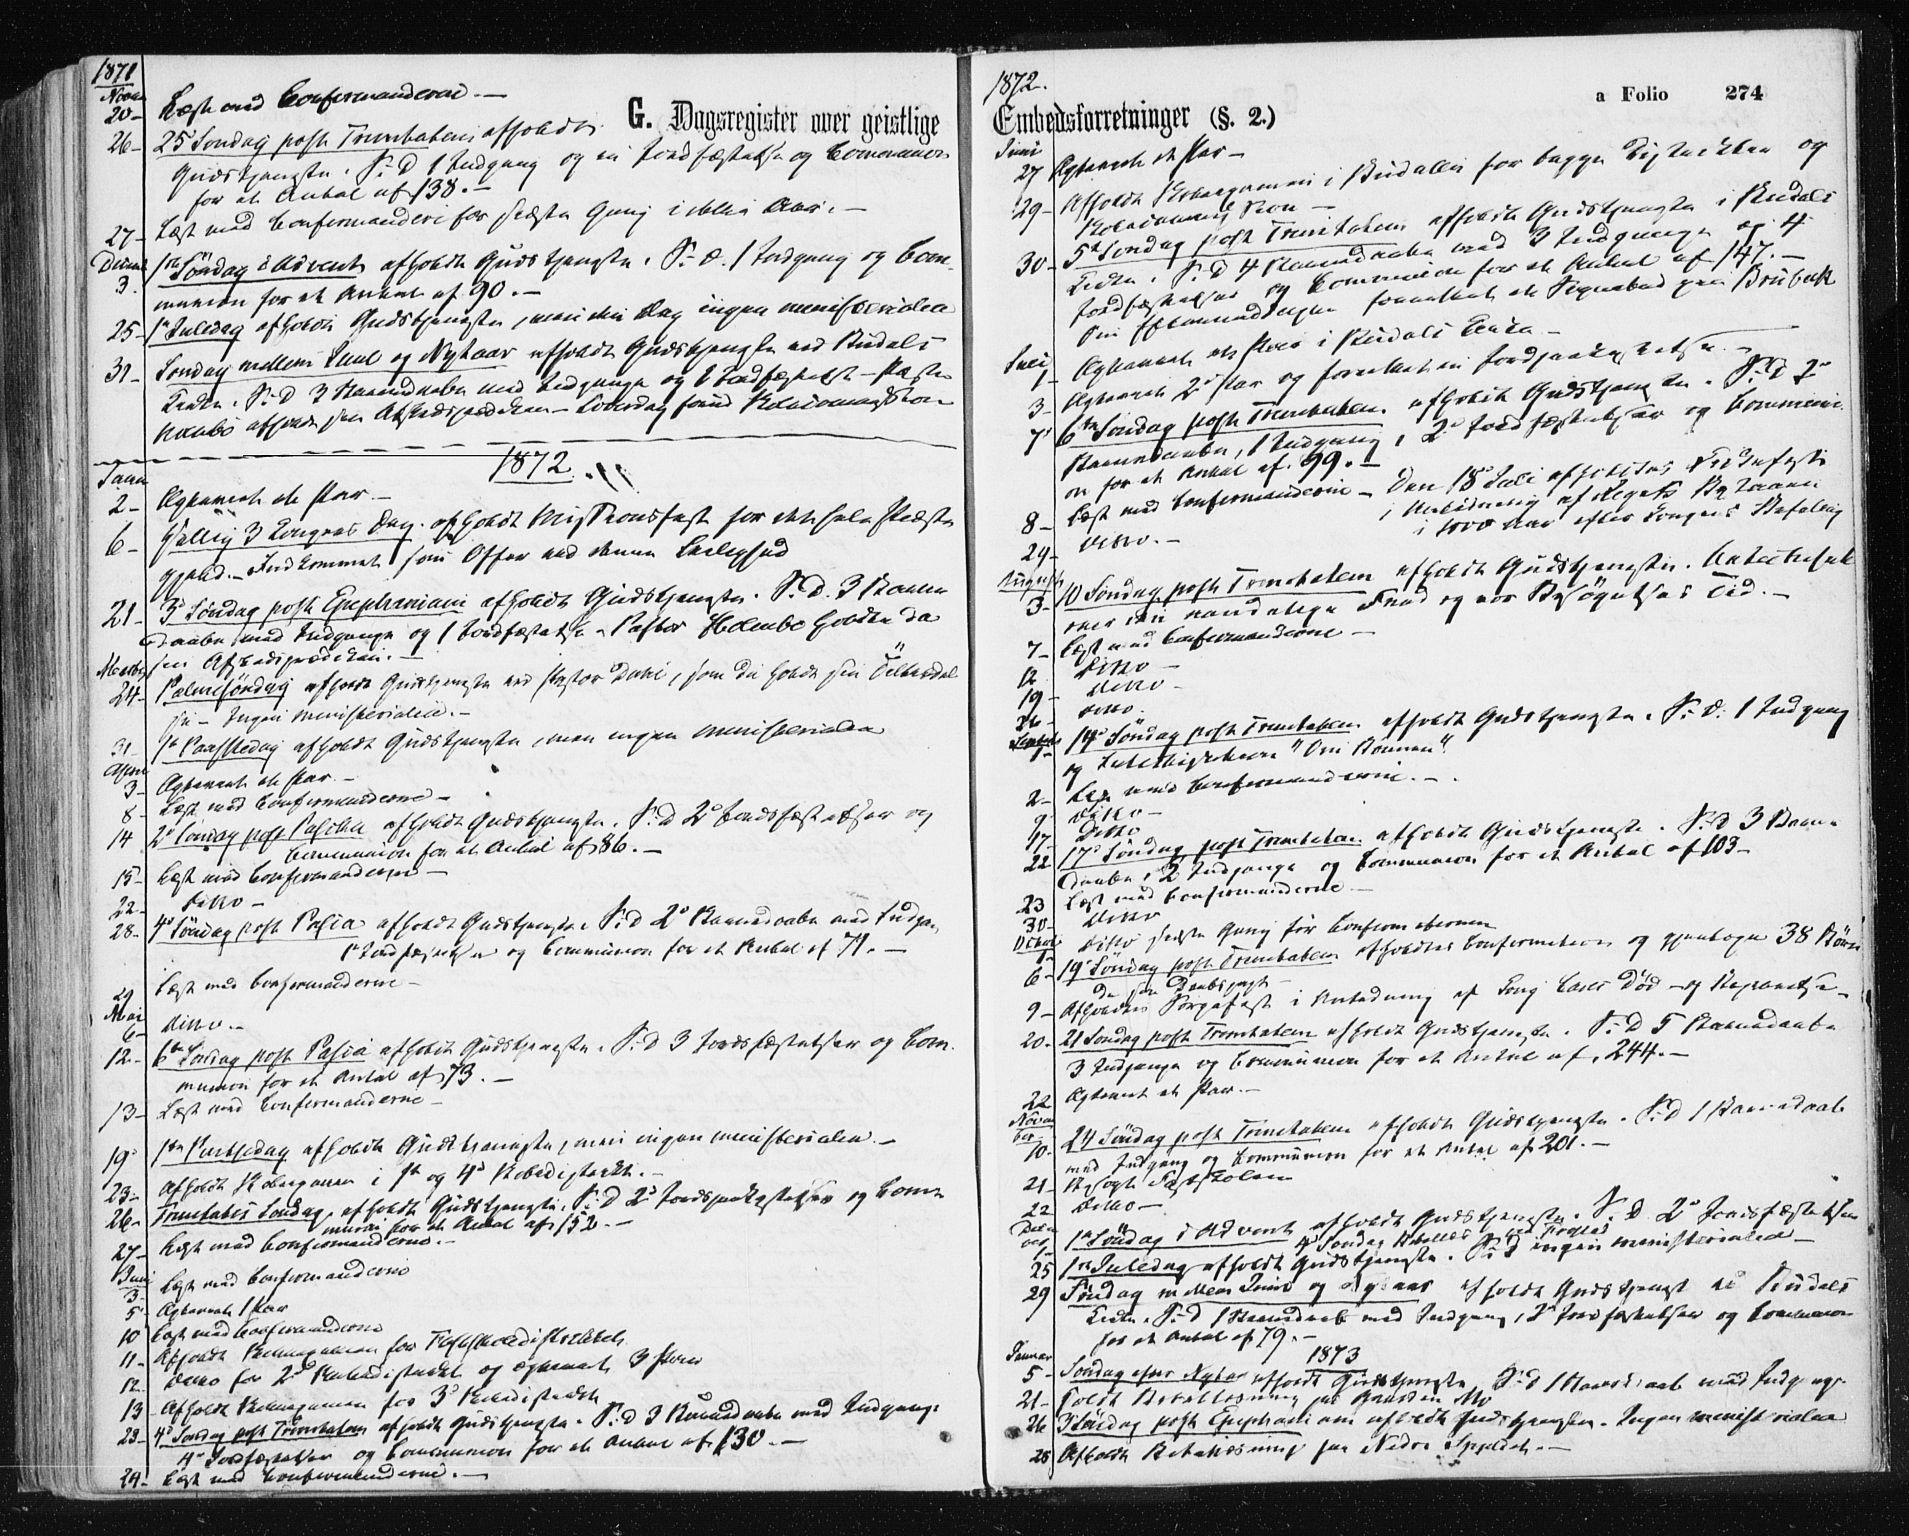 SAT, Ministerialprotokoller, klokkerbøker og fødselsregistre - Sør-Trøndelag, 687/L1001: Ministerialbok nr. 687A07, 1863-1878, s. 274